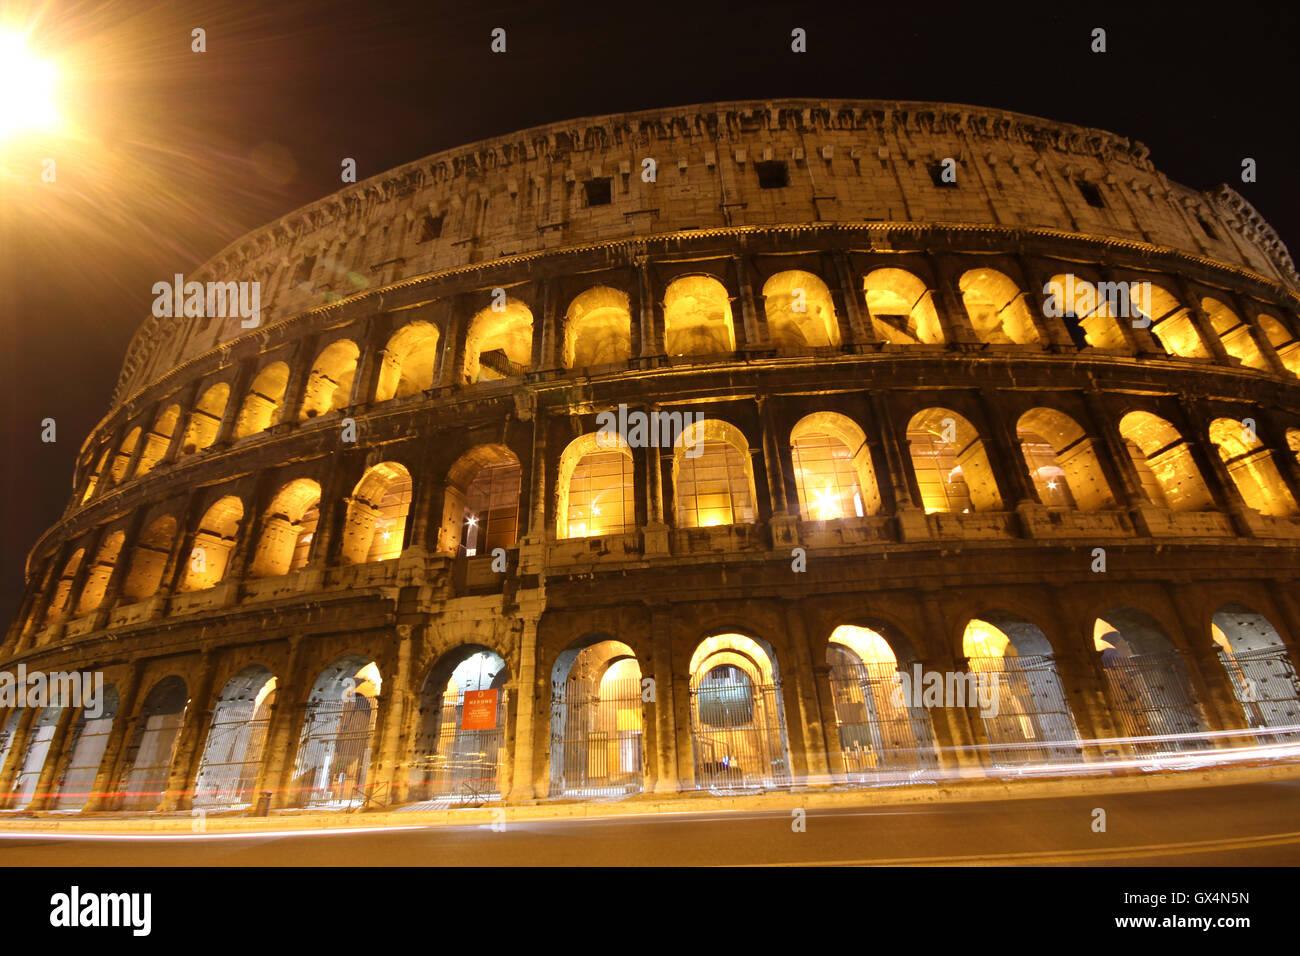 Une superbe photo de nuit du Colisée, Rome, Italie, il Colosseo, Roma Photo Stock